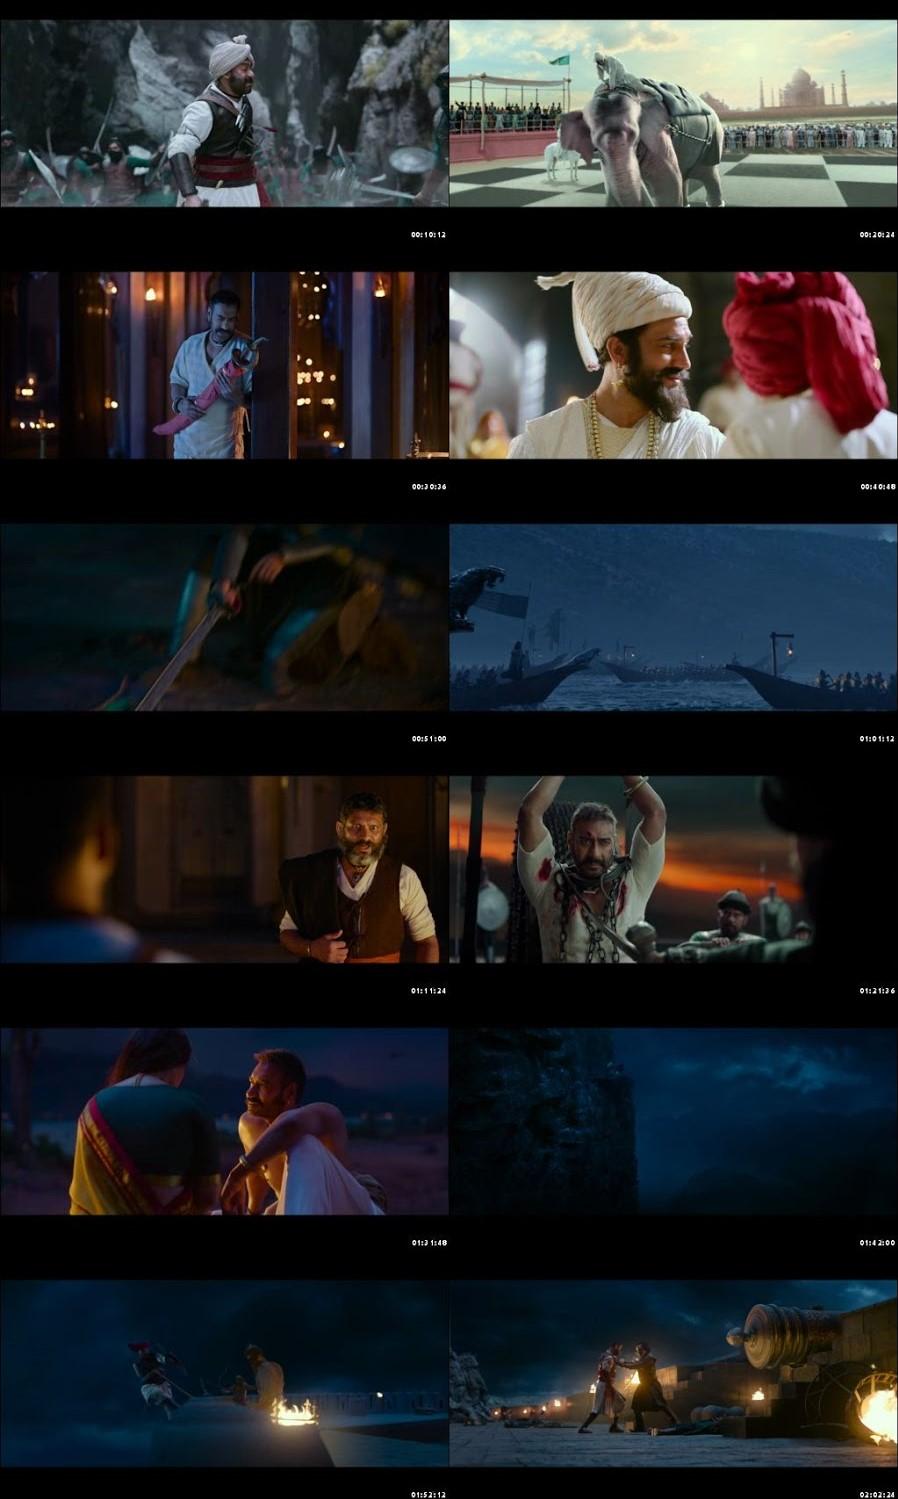 Tanhaji: The Unsung Warrior 2020 Full Hindi Movie Online Watch